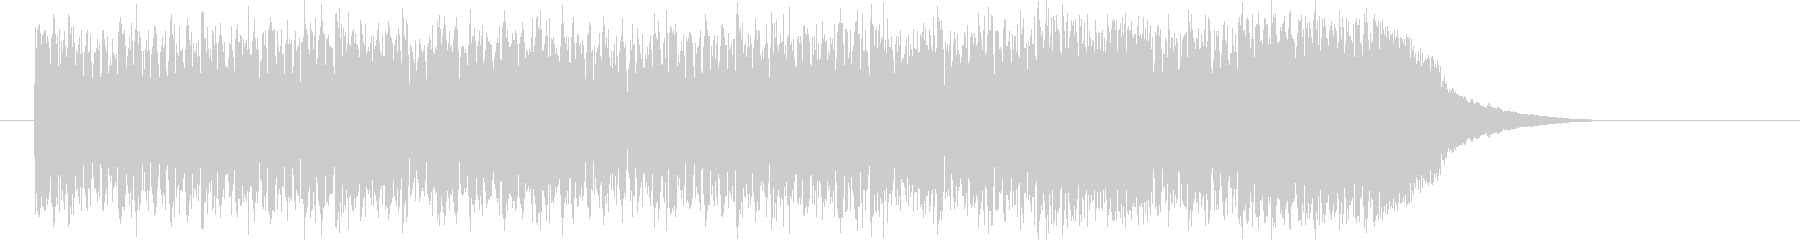 メロディアスなデジタルロックの未再生の波形